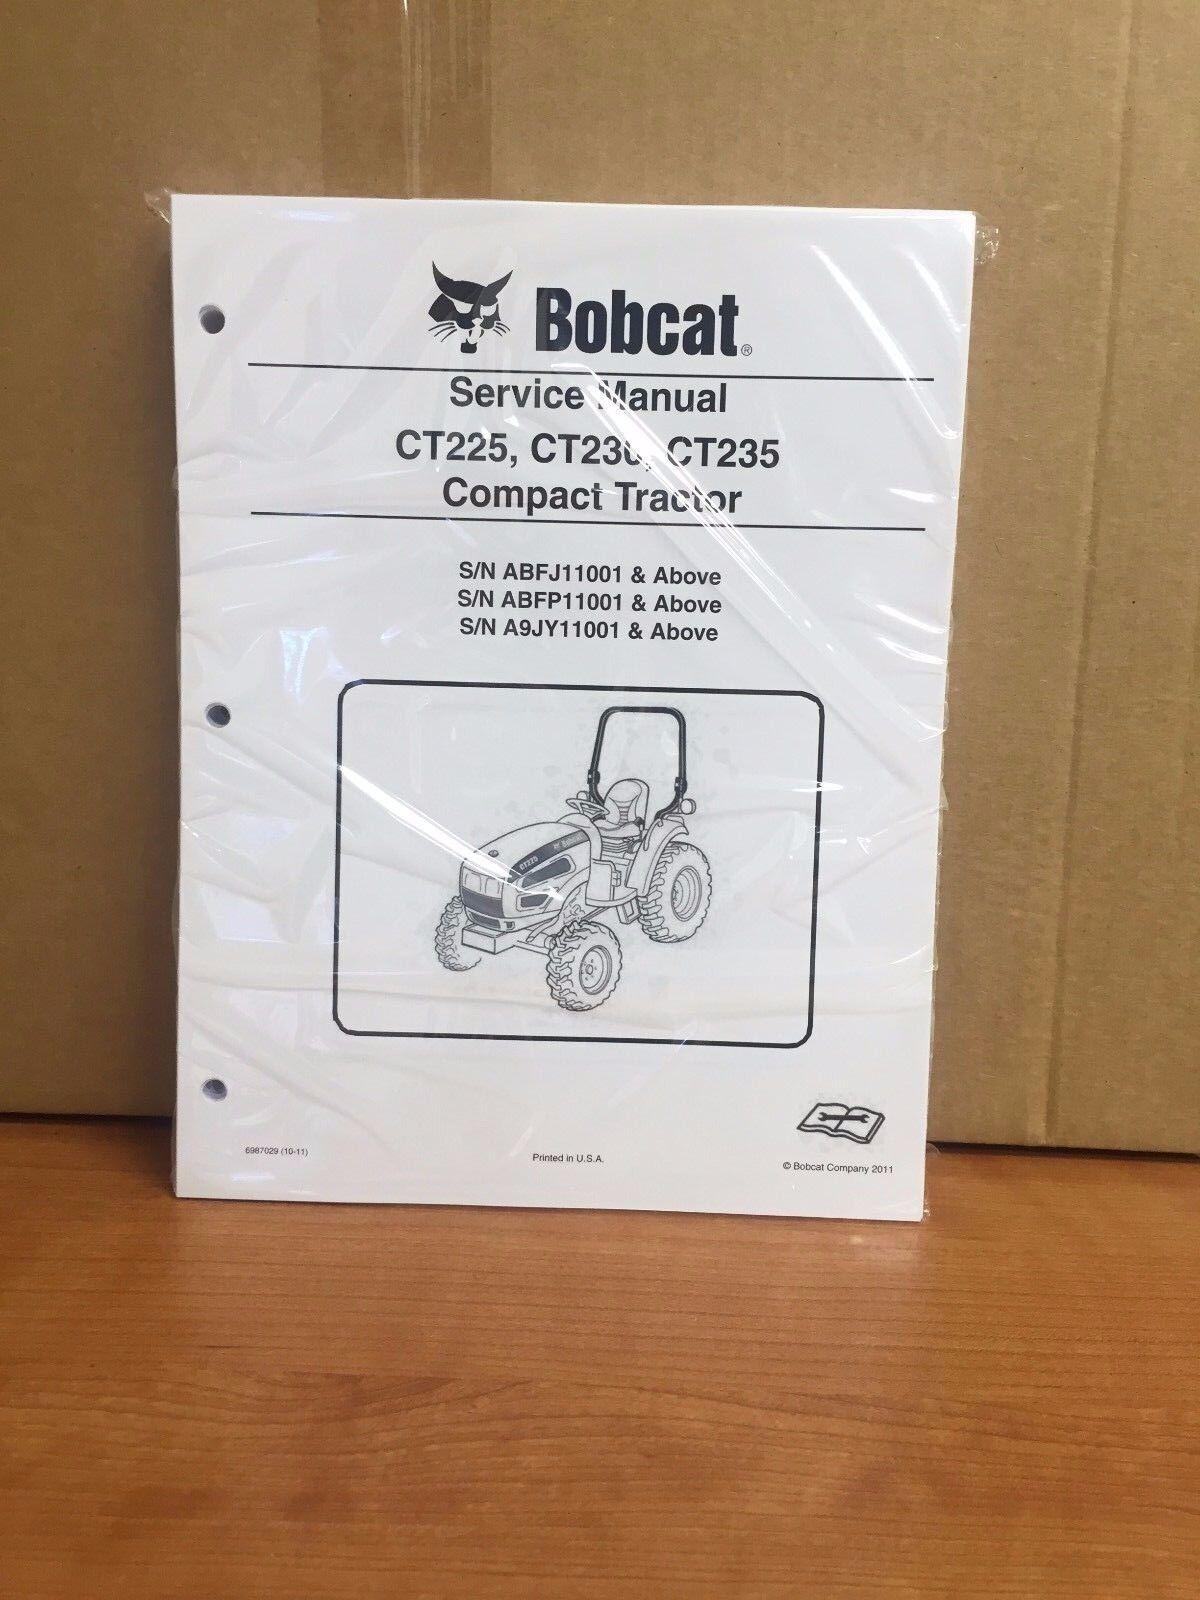 Bobcat Ct225 Ct230 Ct235 Compact Tractor Service Manual Shop Repair on bobcat ripper attachment, bobcat ct120, bobcat ct225, bobcat toolcat 5610, bobcat ct445, bobcat ct230, bobcat ct335, bobcat ct450,